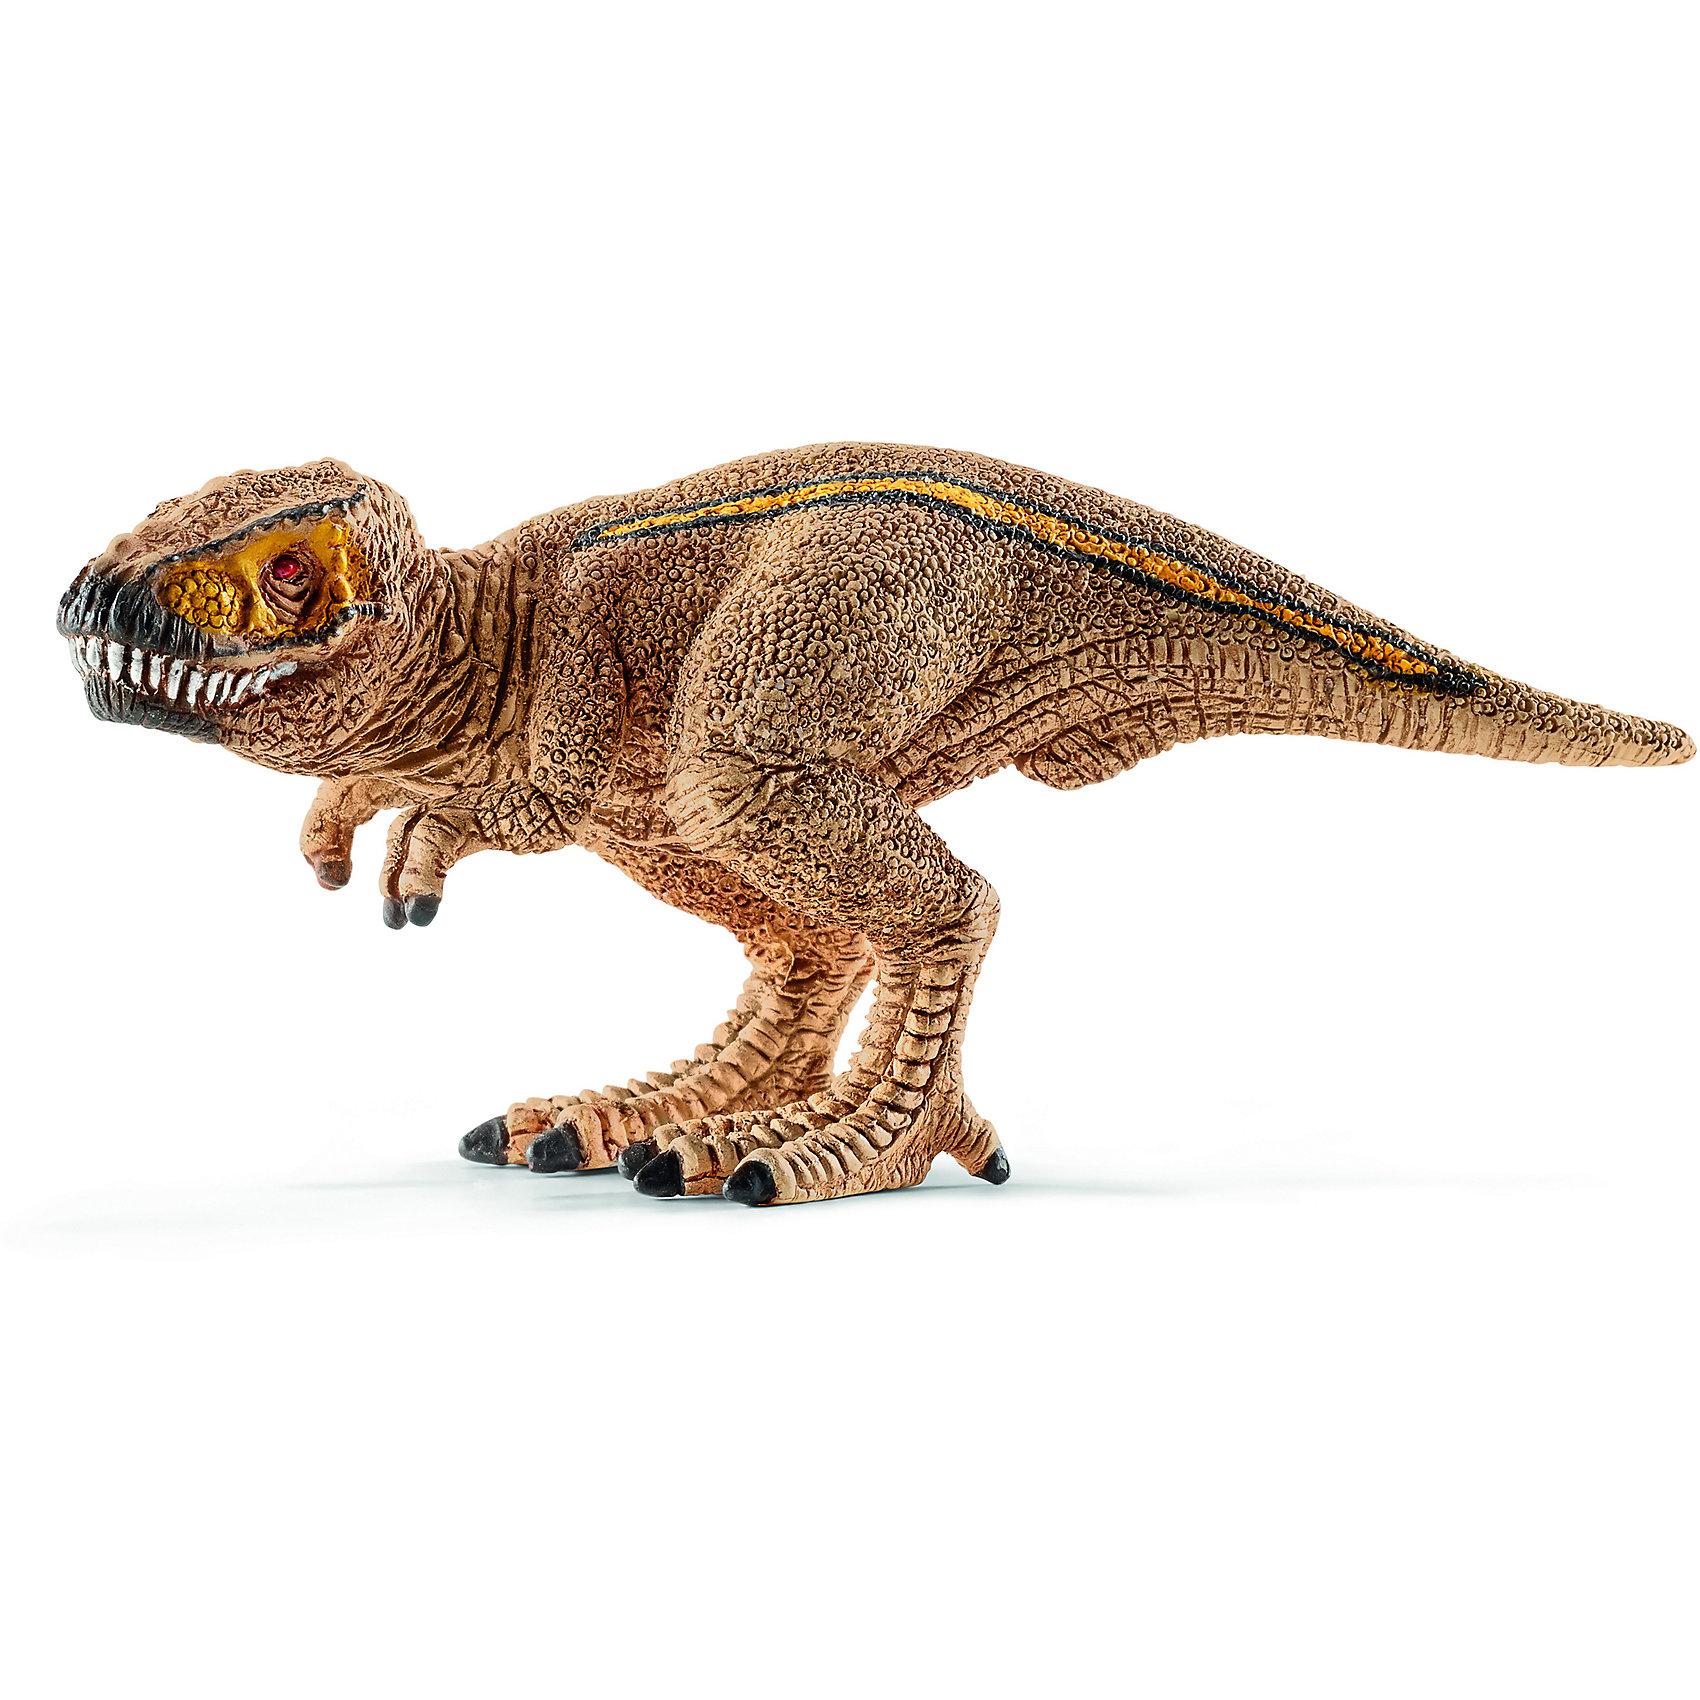 Тиранозавр Рекс, мини, SchleichДраконы и динозавры<br>Древний динозавр Тираннозавр Рекс, проживающий на земле много миллионов лет назад, представлен немецкой компанией Schleich (Шляйх) в виде стоящего на задних лапах динозавра светло-коричневого цвета. Тиранозаурус отличается от своих сородичей длинным хвостом и мощными лапами, которые помогают ему находить пищу и сражаться с врагами.<br><br>Игрушка динозавра выполнена из качественного каучукового пластика, который безопасен для детей и не вызывает аллергию. У динозавра подвижные когти и нижняя челюсть, что сделает игру более увлекательной и оживленной.<br><br>Дополнительная информация:<br><br>Материал: каучуковый пластик<br>Размер игрушки: 7.8 x 3.4 x 3.2 см.<br><br>Тираннозавра Рекс, мини, Schleich (Шляйх) можно купить в нашем магазине.<br><br>Ширина мм: 59<br>Глубина мм: 78<br>Высота мм: 17<br>Вес г: 13<br>Возраст от месяцев: 36<br>Возраст до месяцев: 96<br>Пол: Мужской<br>Возраст: Детский<br>SKU: 3902515